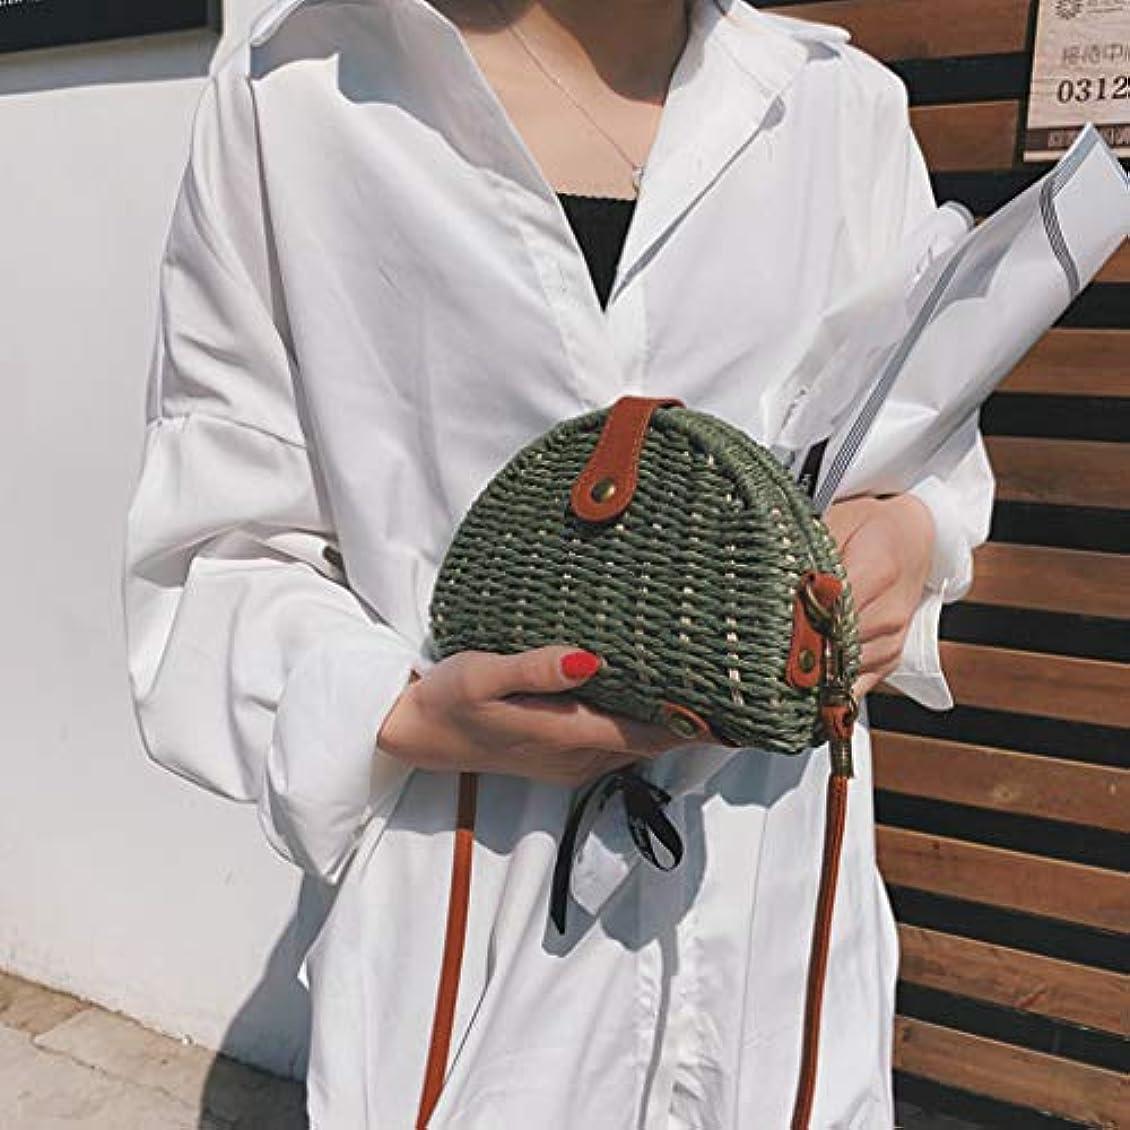 女性ミニ織りビーチショルダーバッグレディースボヘミアンスタイルレジャーハンドバッグ、女性のミニ織クロスボディバッグ、レディースミニファッションビーチスタイルクロスボディバッグ (緑)